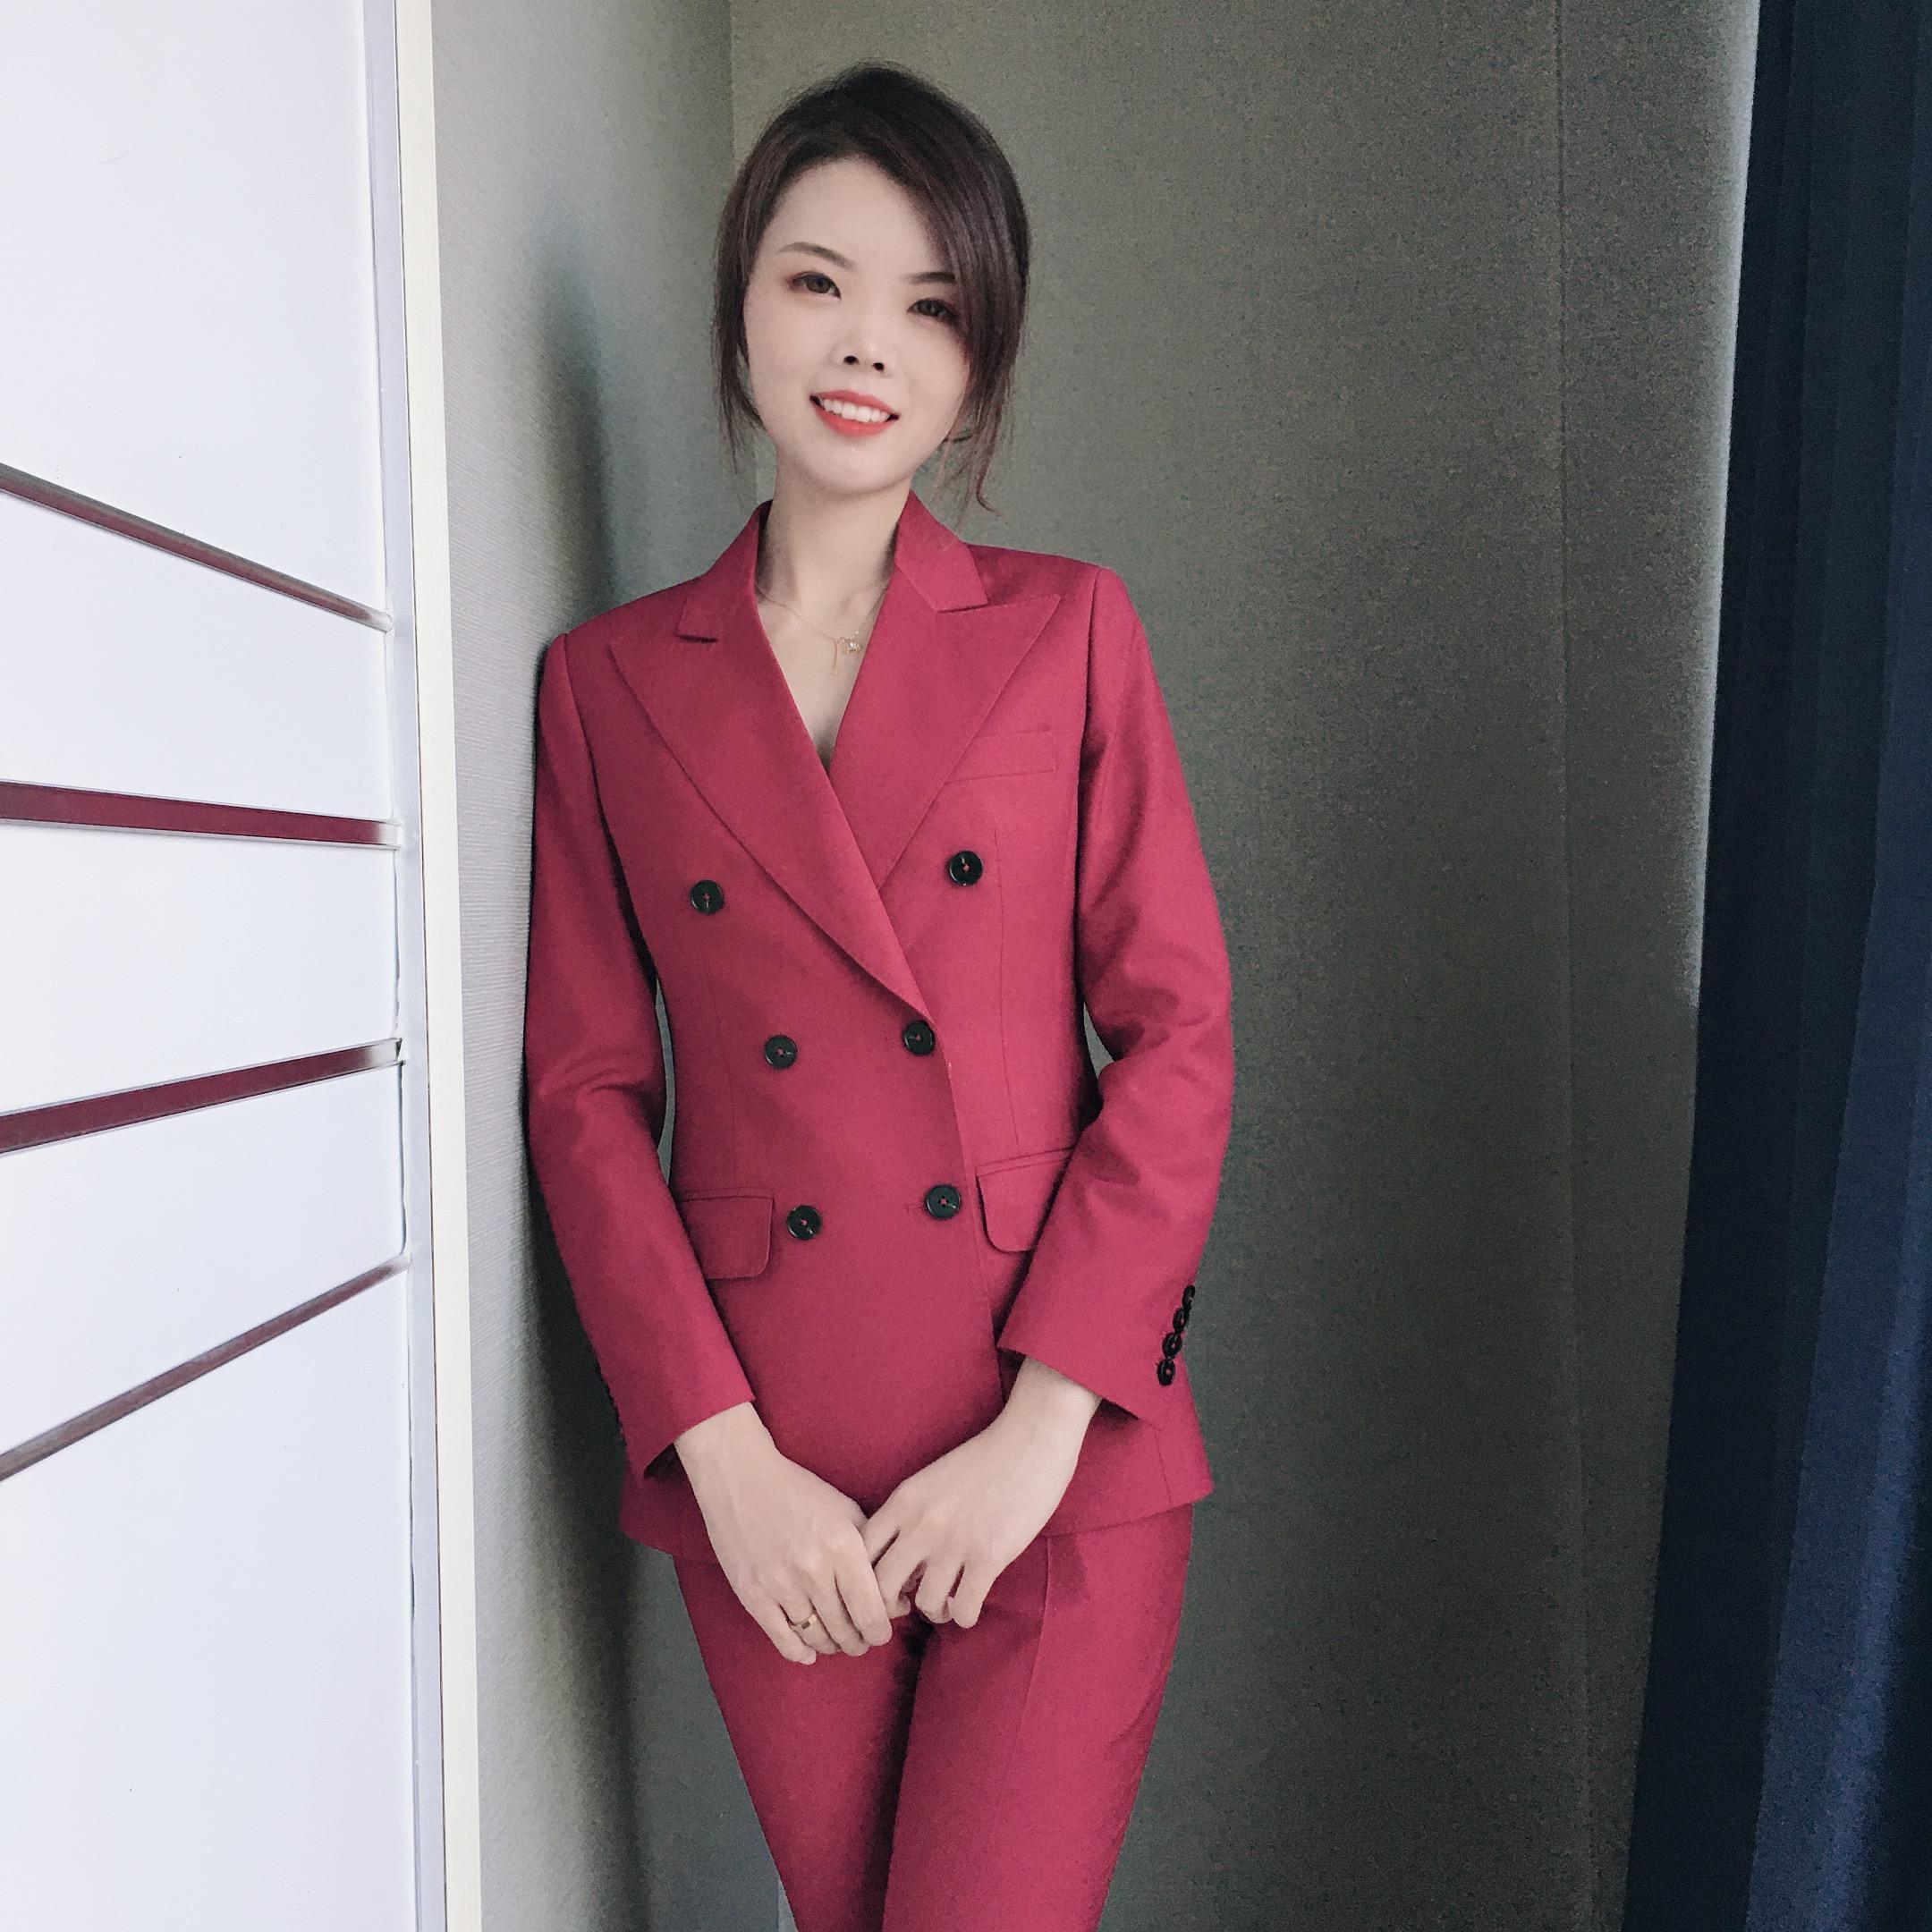 春季通勤常规女士新款酒红色双排扣西装套装收腰西服外套女正装